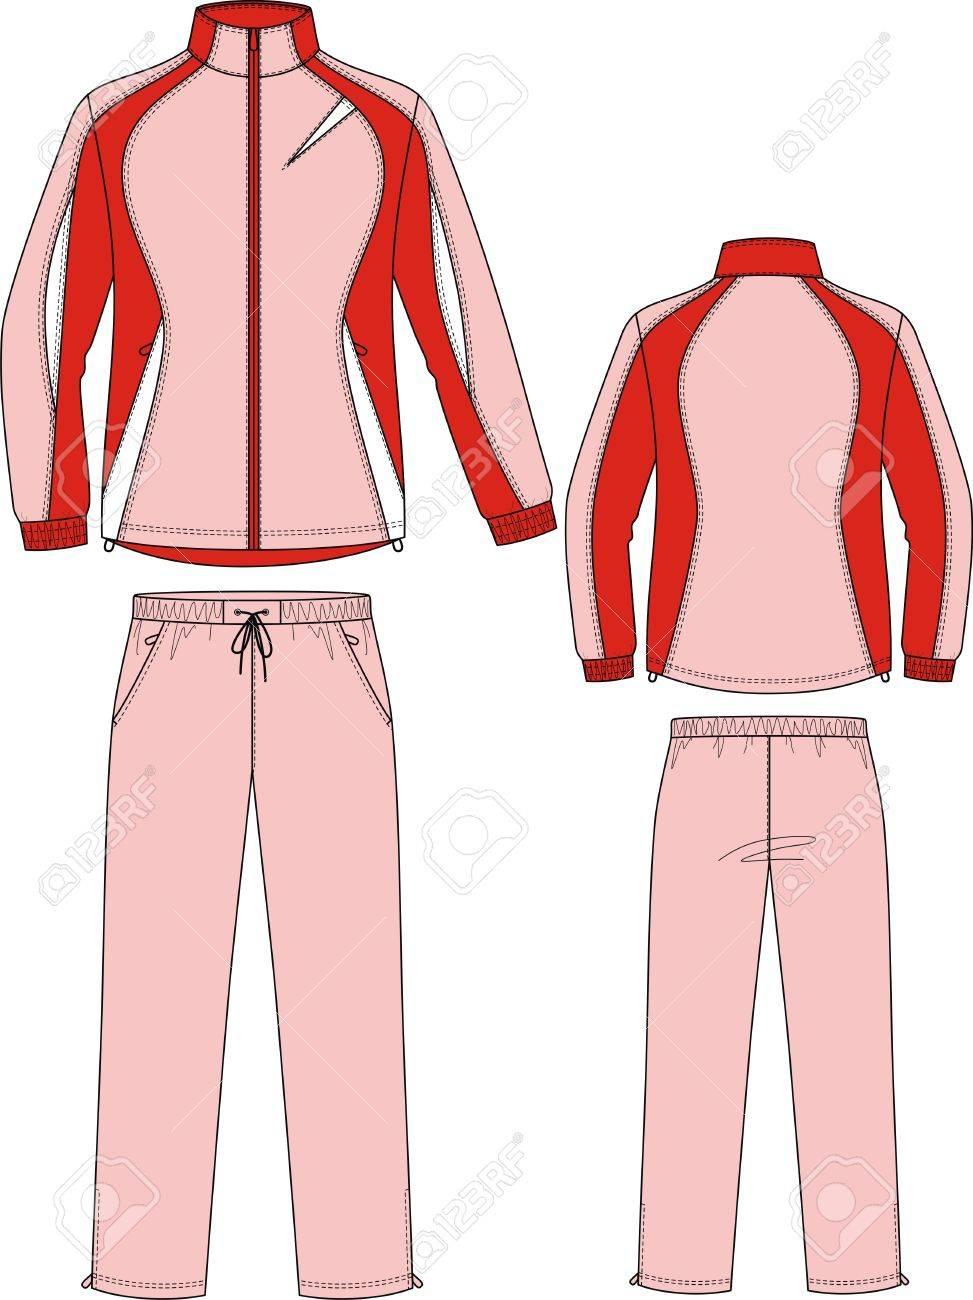 Una Chaqueta De Y Traje Que Deportes En Pantalón Consiste XqRxHafO